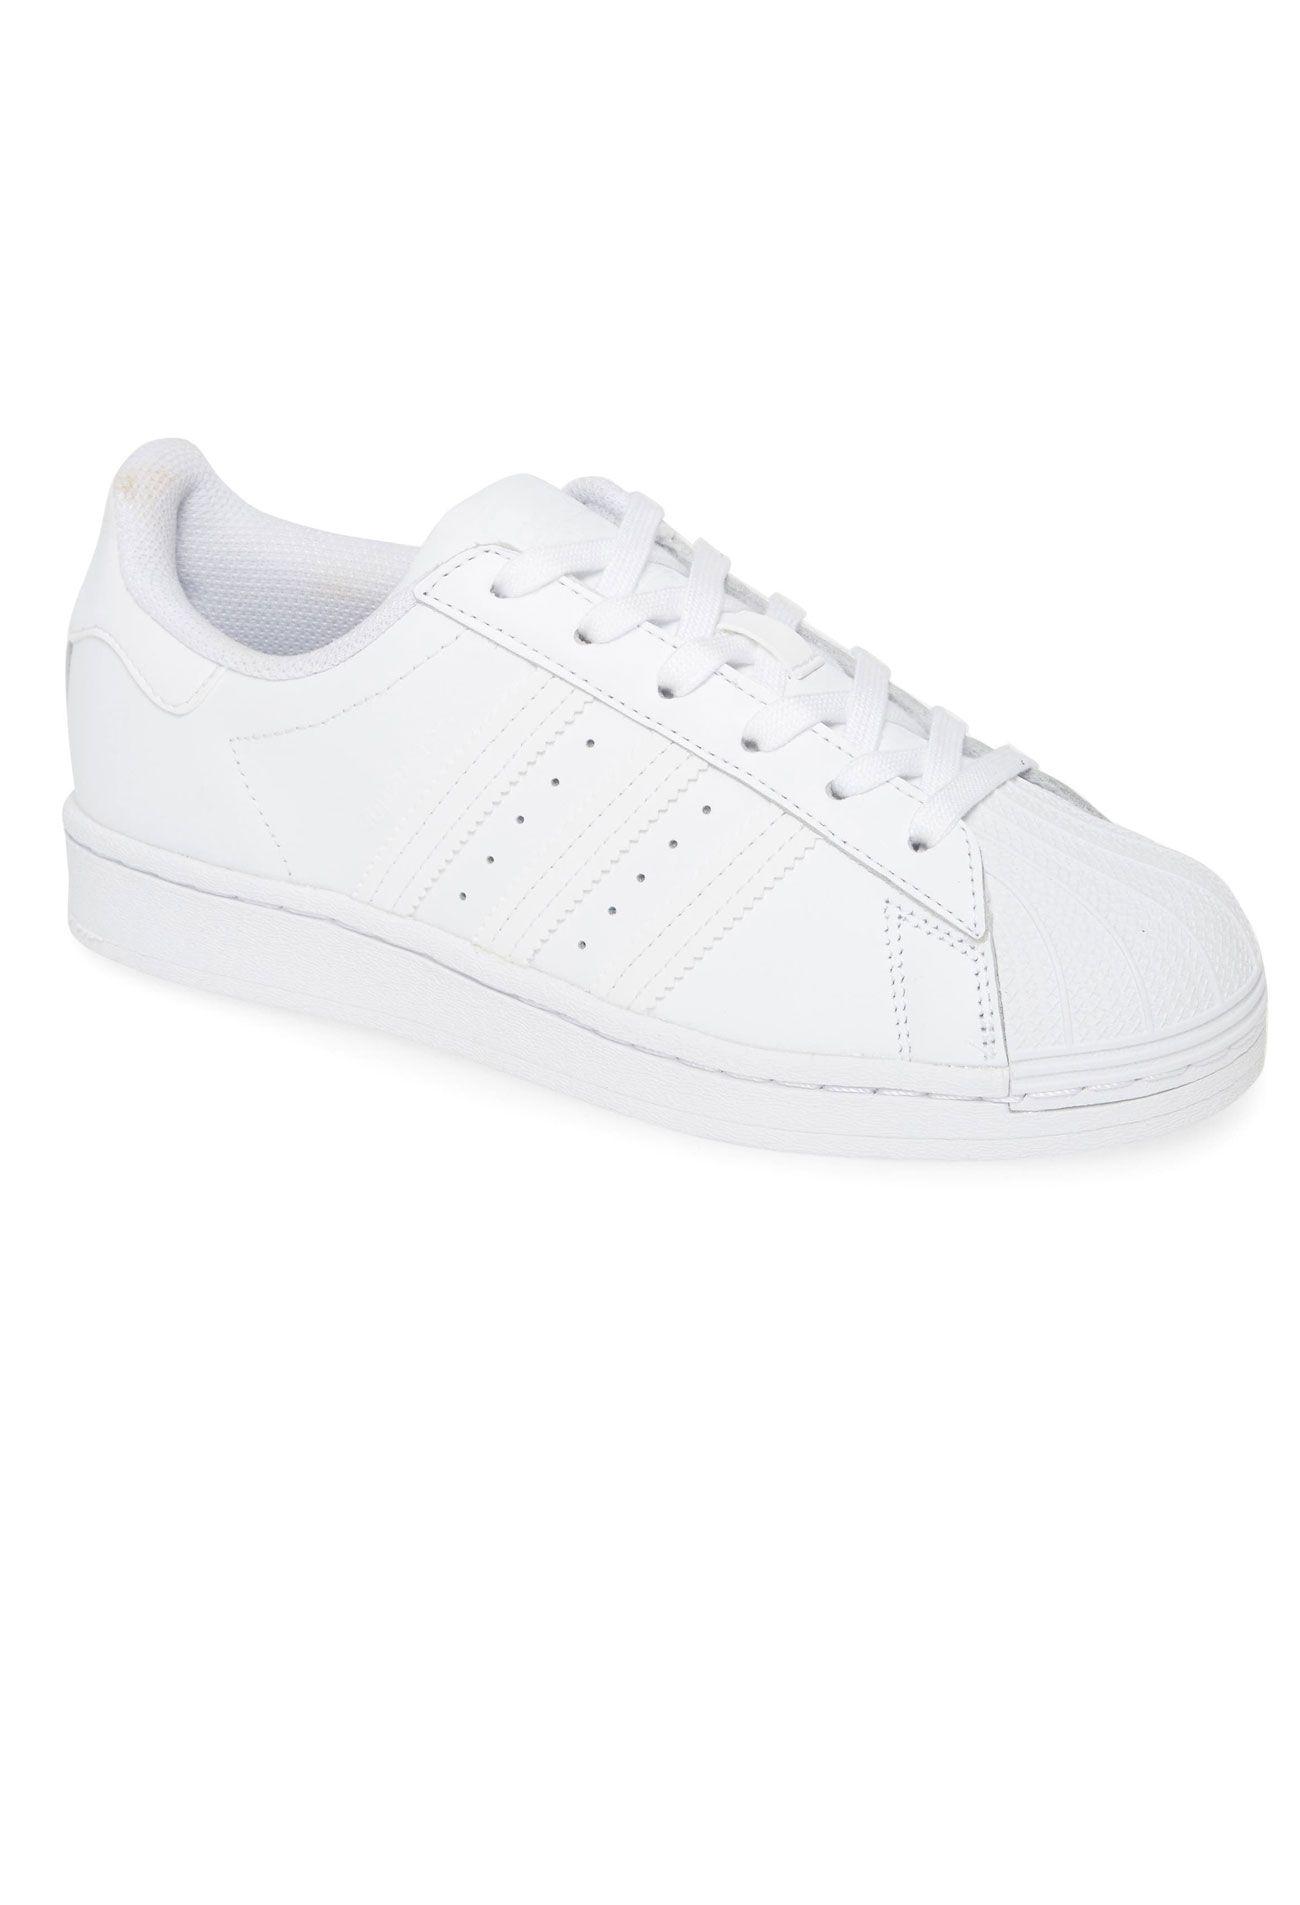 trendy sneaker brands 295033 1630367056745